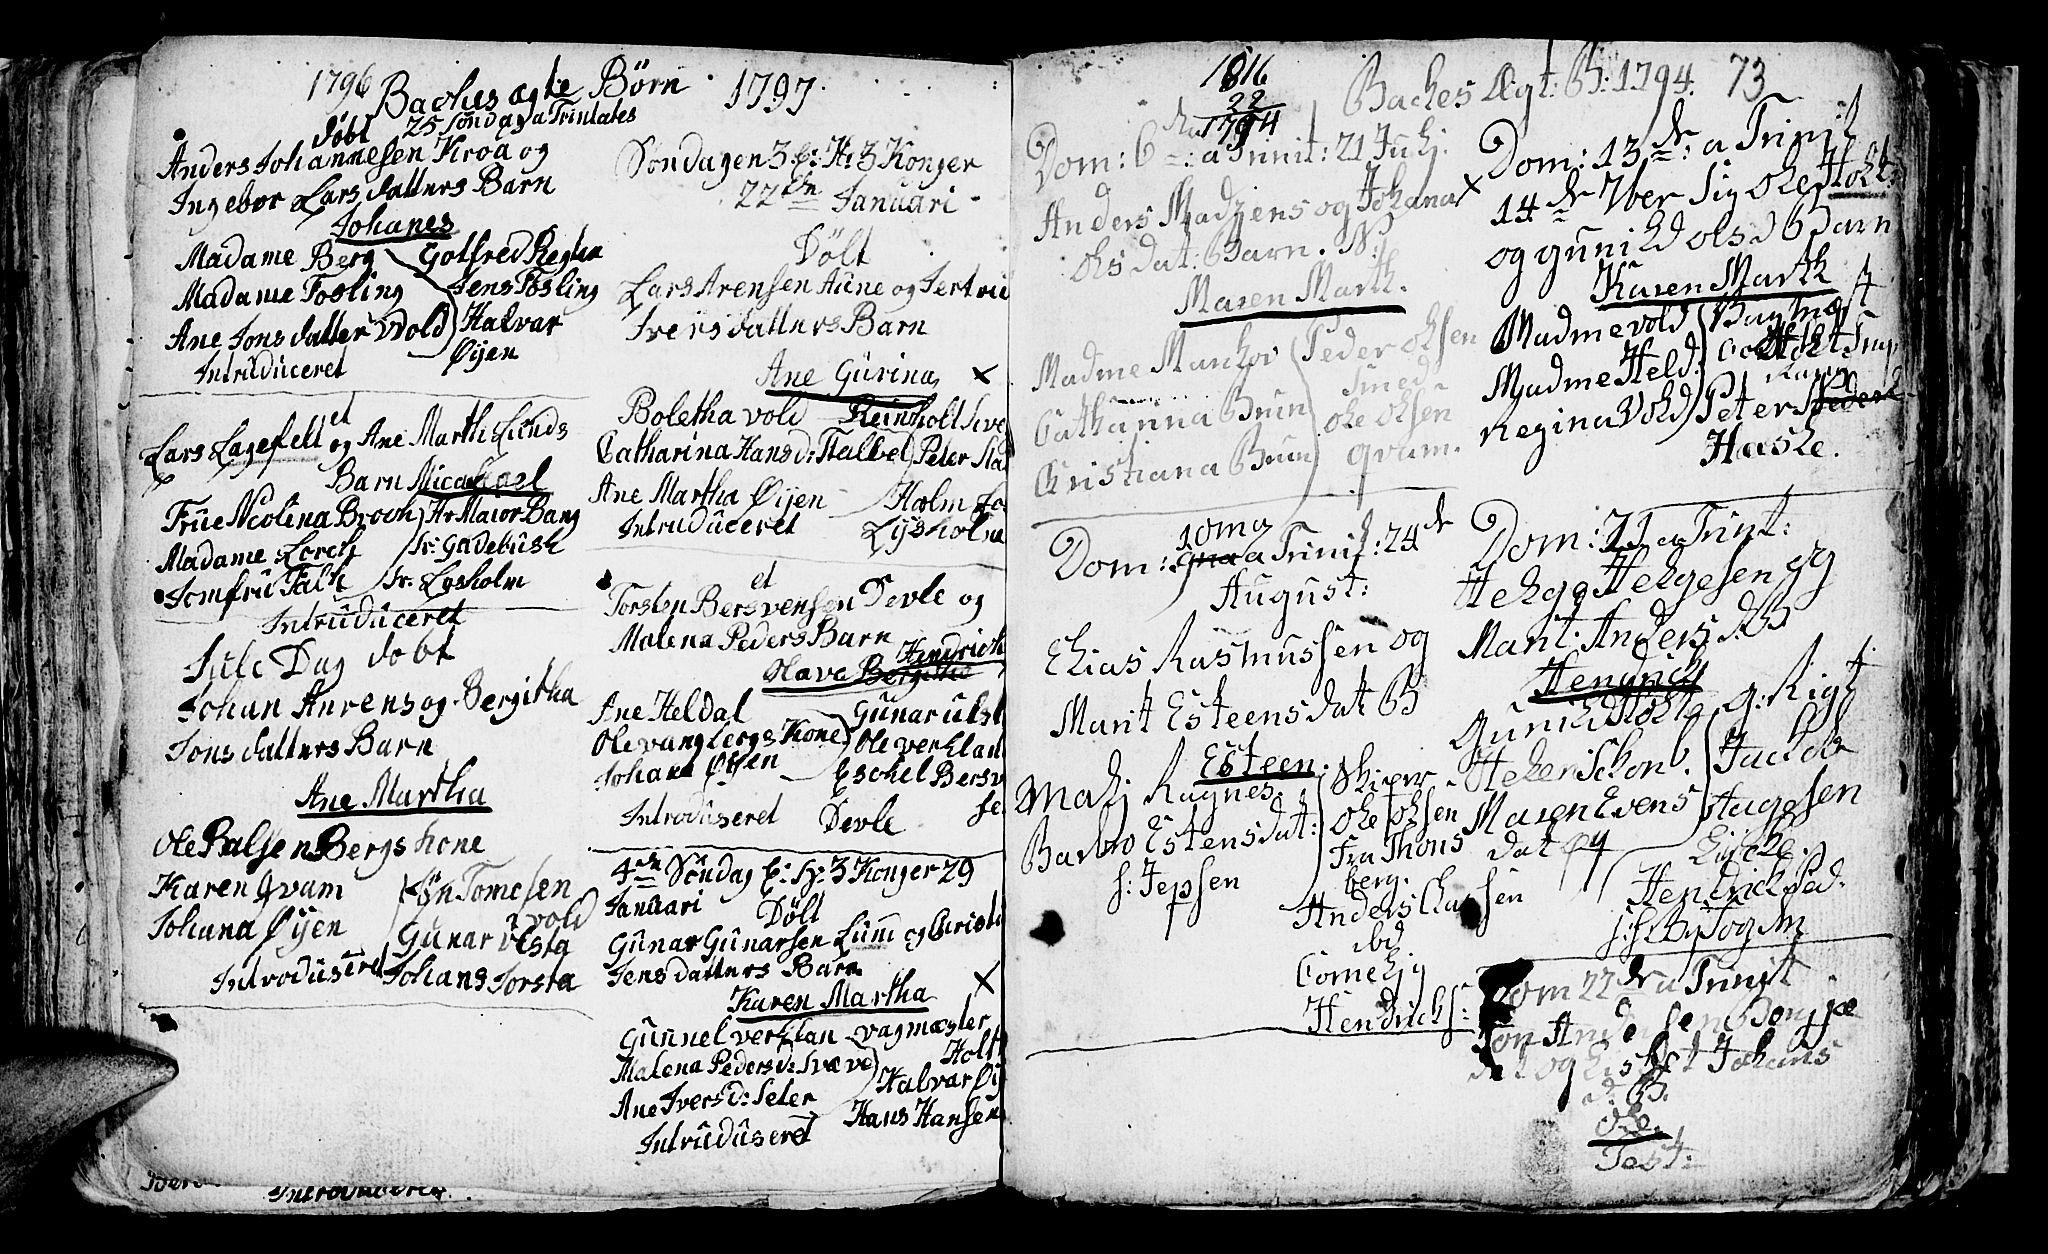 SAT, Ministerialprotokoller, klokkerbøker og fødselsregistre - Sør-Trøndelag, 604/L0218: Klokkerbok nr. 604C01, 1754-1819, s. 73